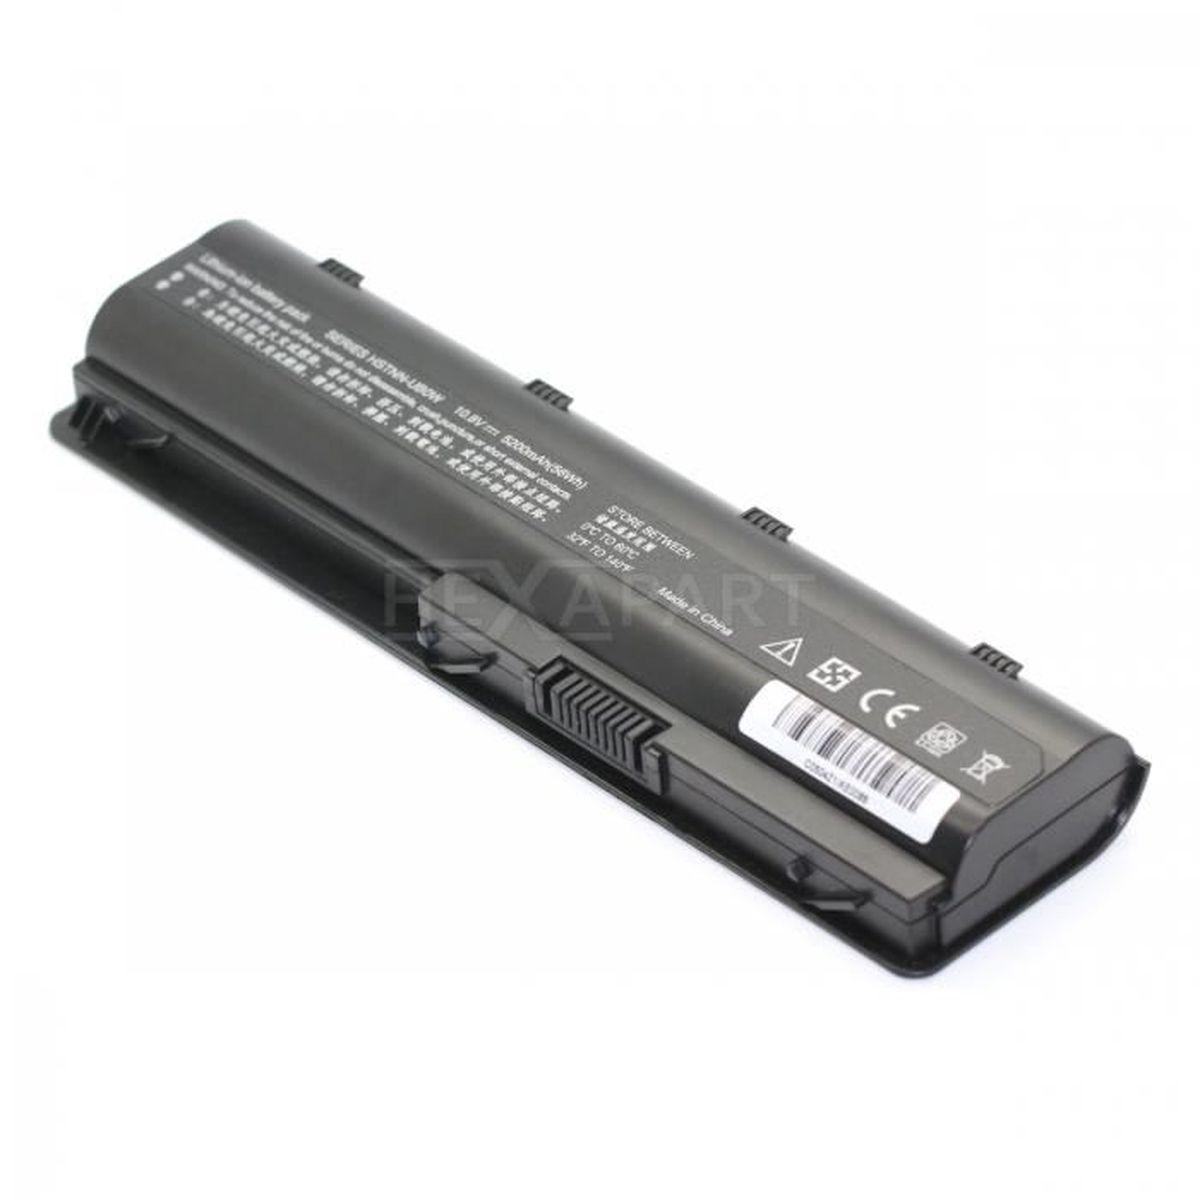 Batterie pour hp pavilion dv6 3165sf - prix pas cher - Black ...